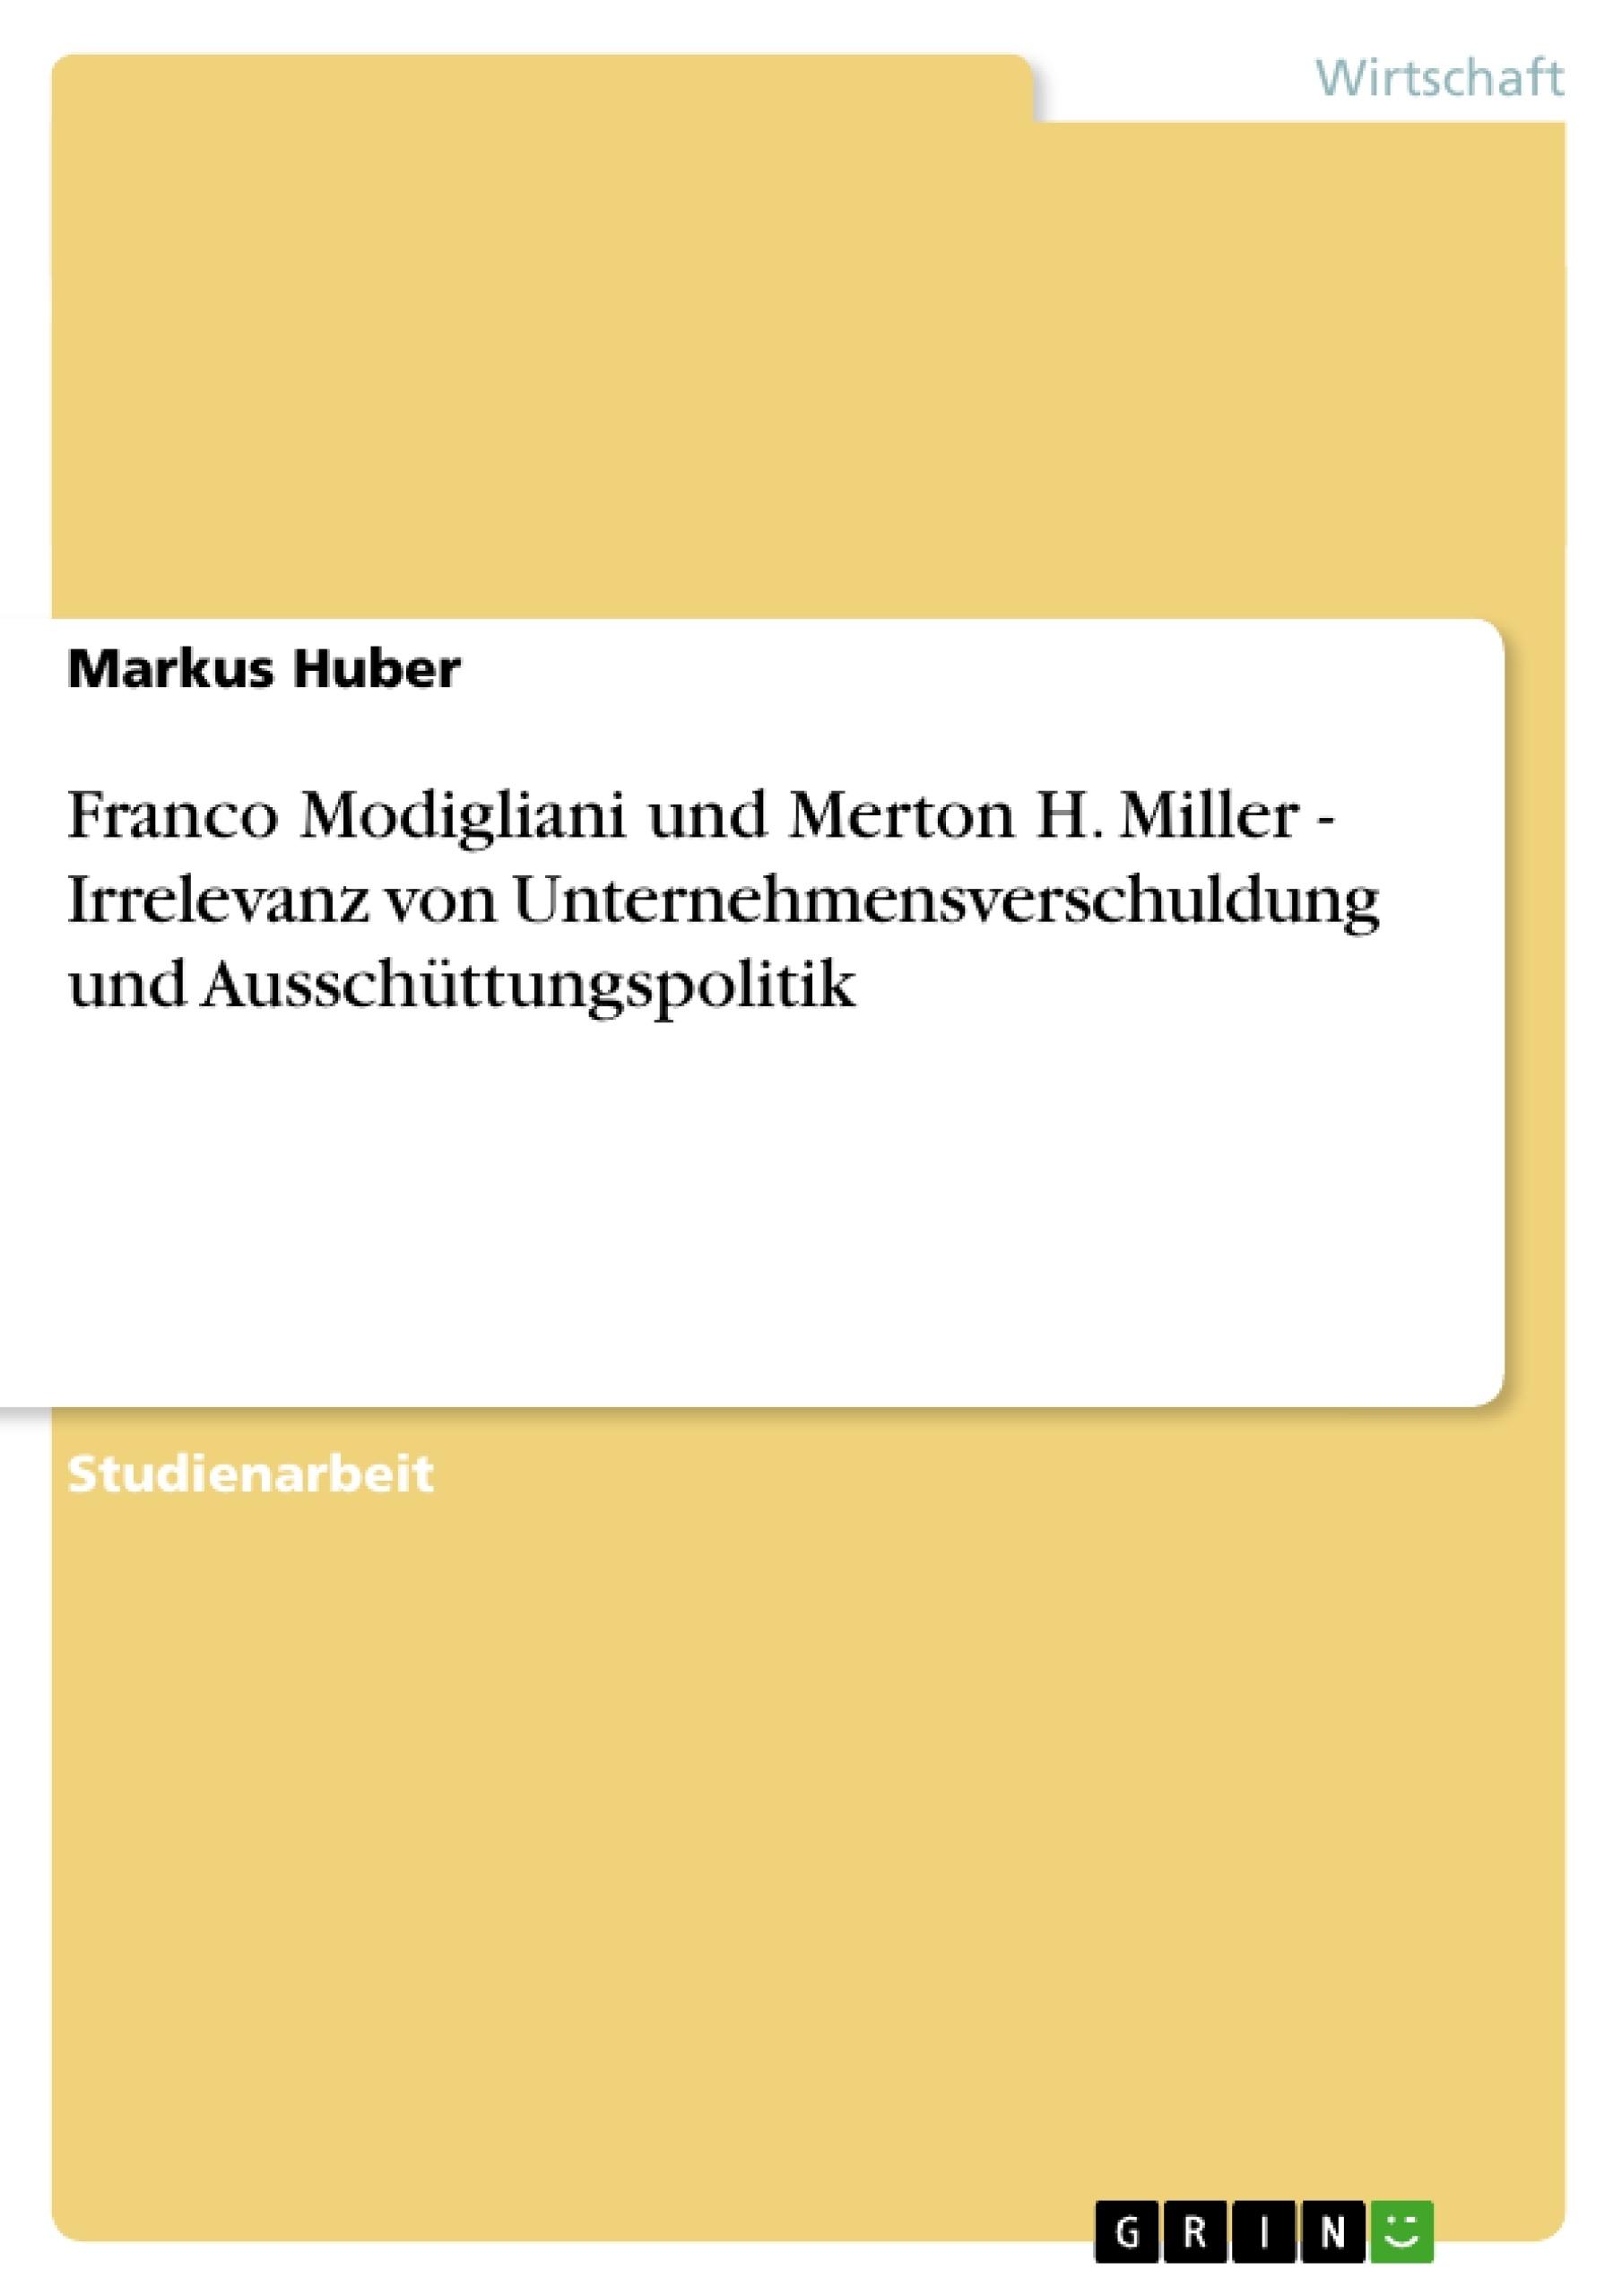 Titel: Franco Modigliani und Merton H. Miller  - Irrelevanz von Unternehmensverschuldung und Ausschüttungspolitik